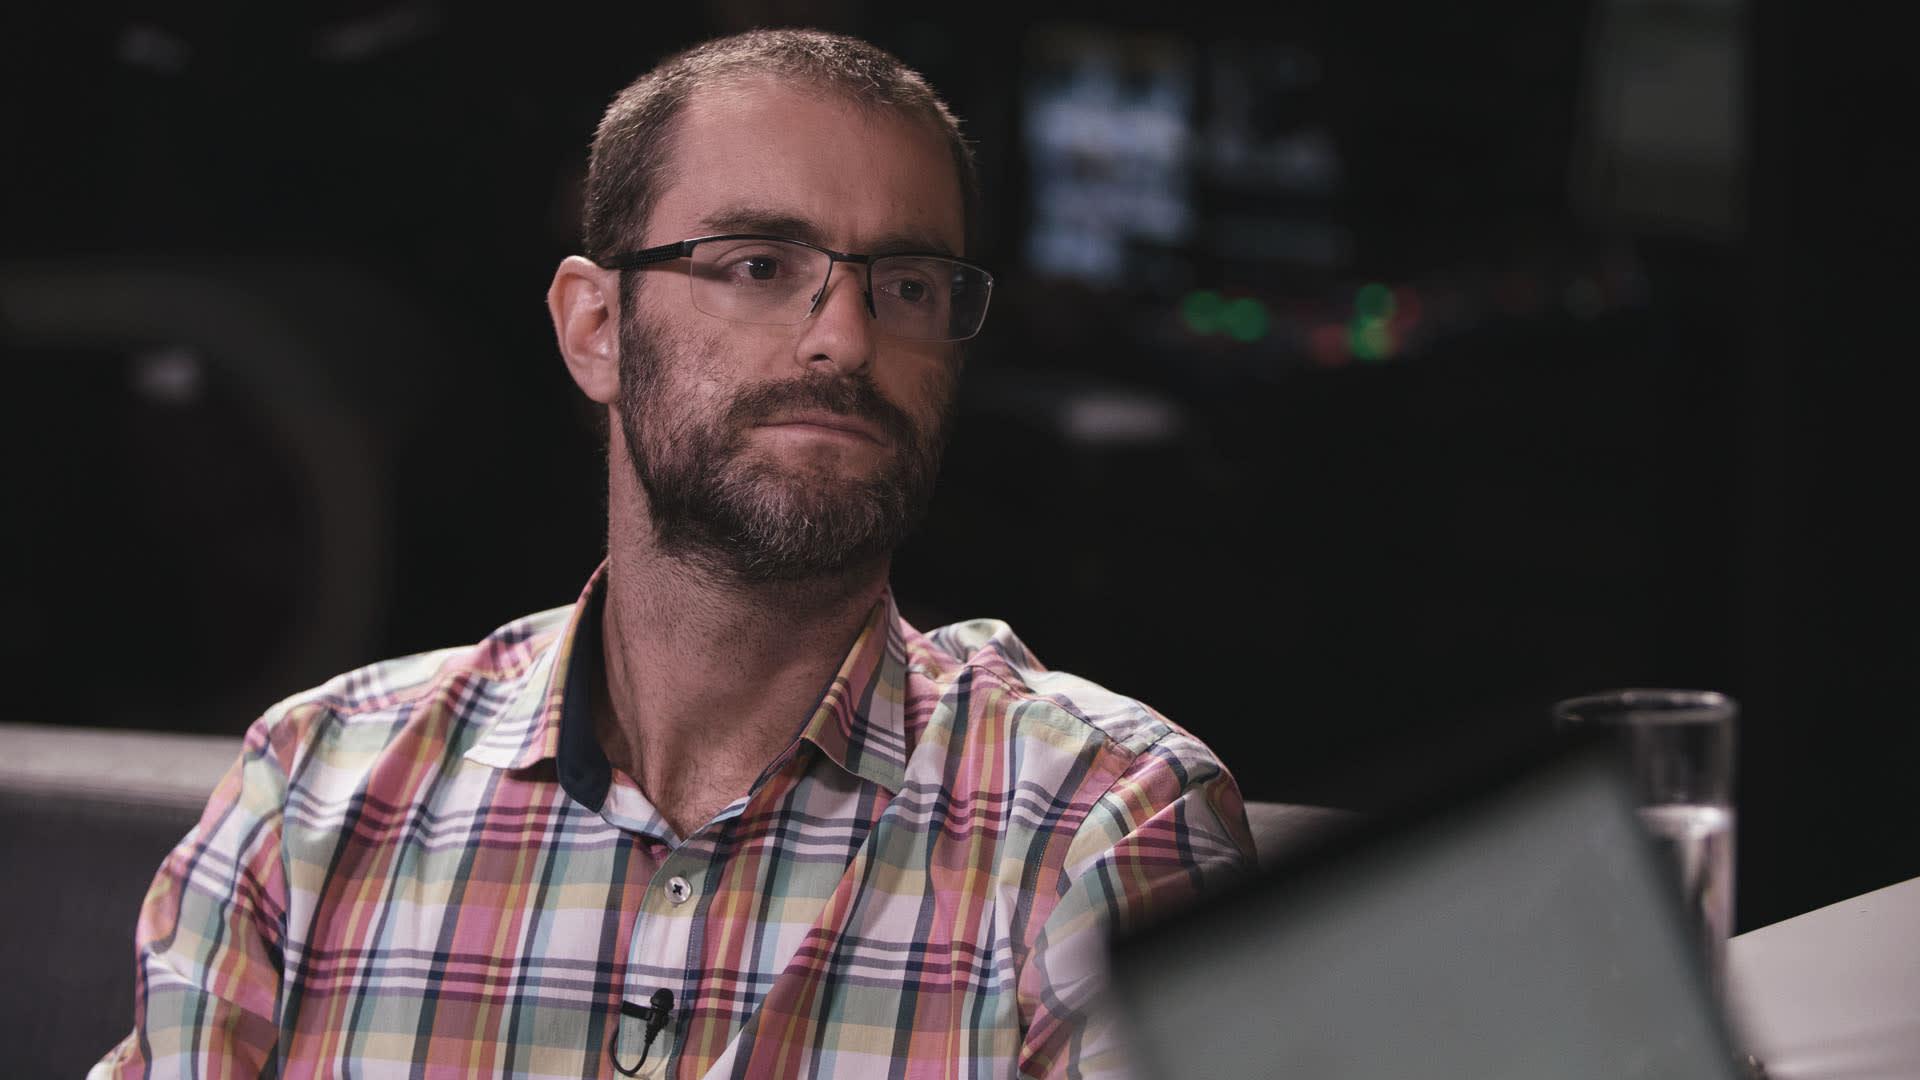 Alexandre Ostrowiecki, CEO da Multilaser, responde quais são os principais desafios de se empreender no Brasil